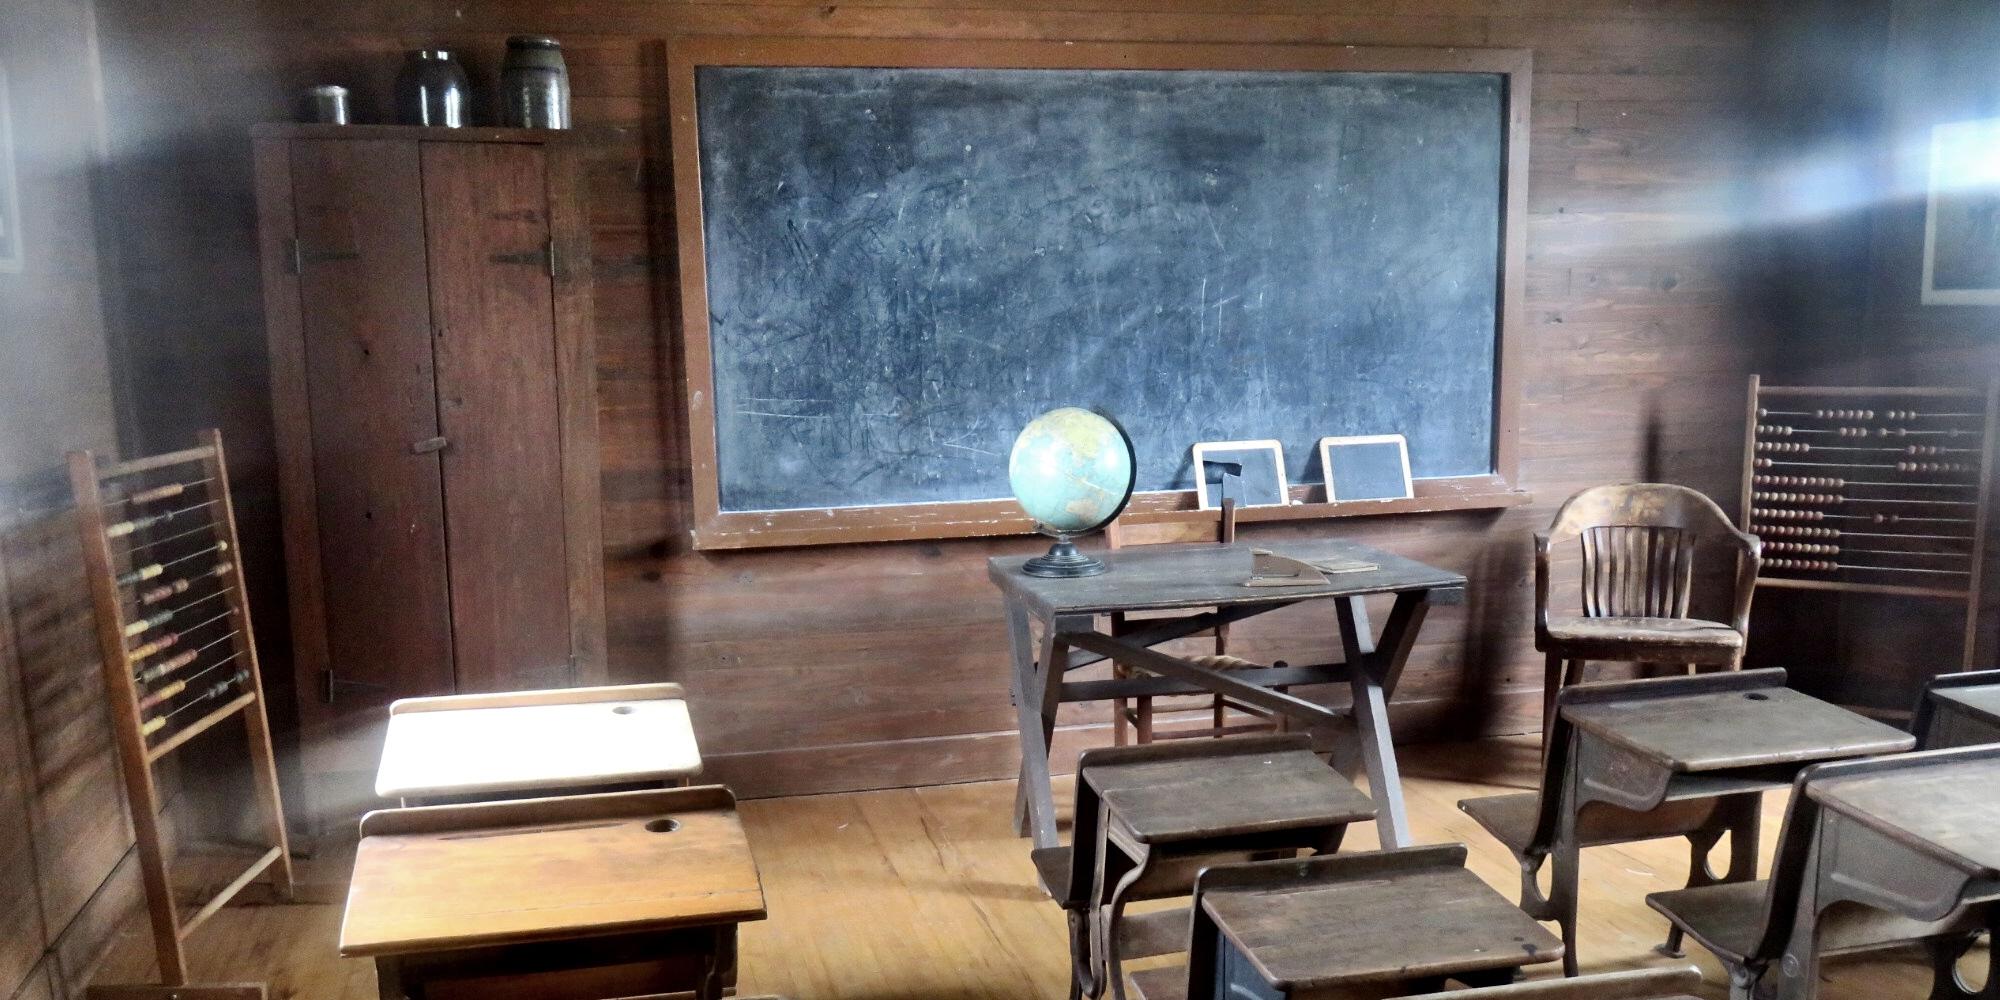 Gammelt klasseværelse til vejledning